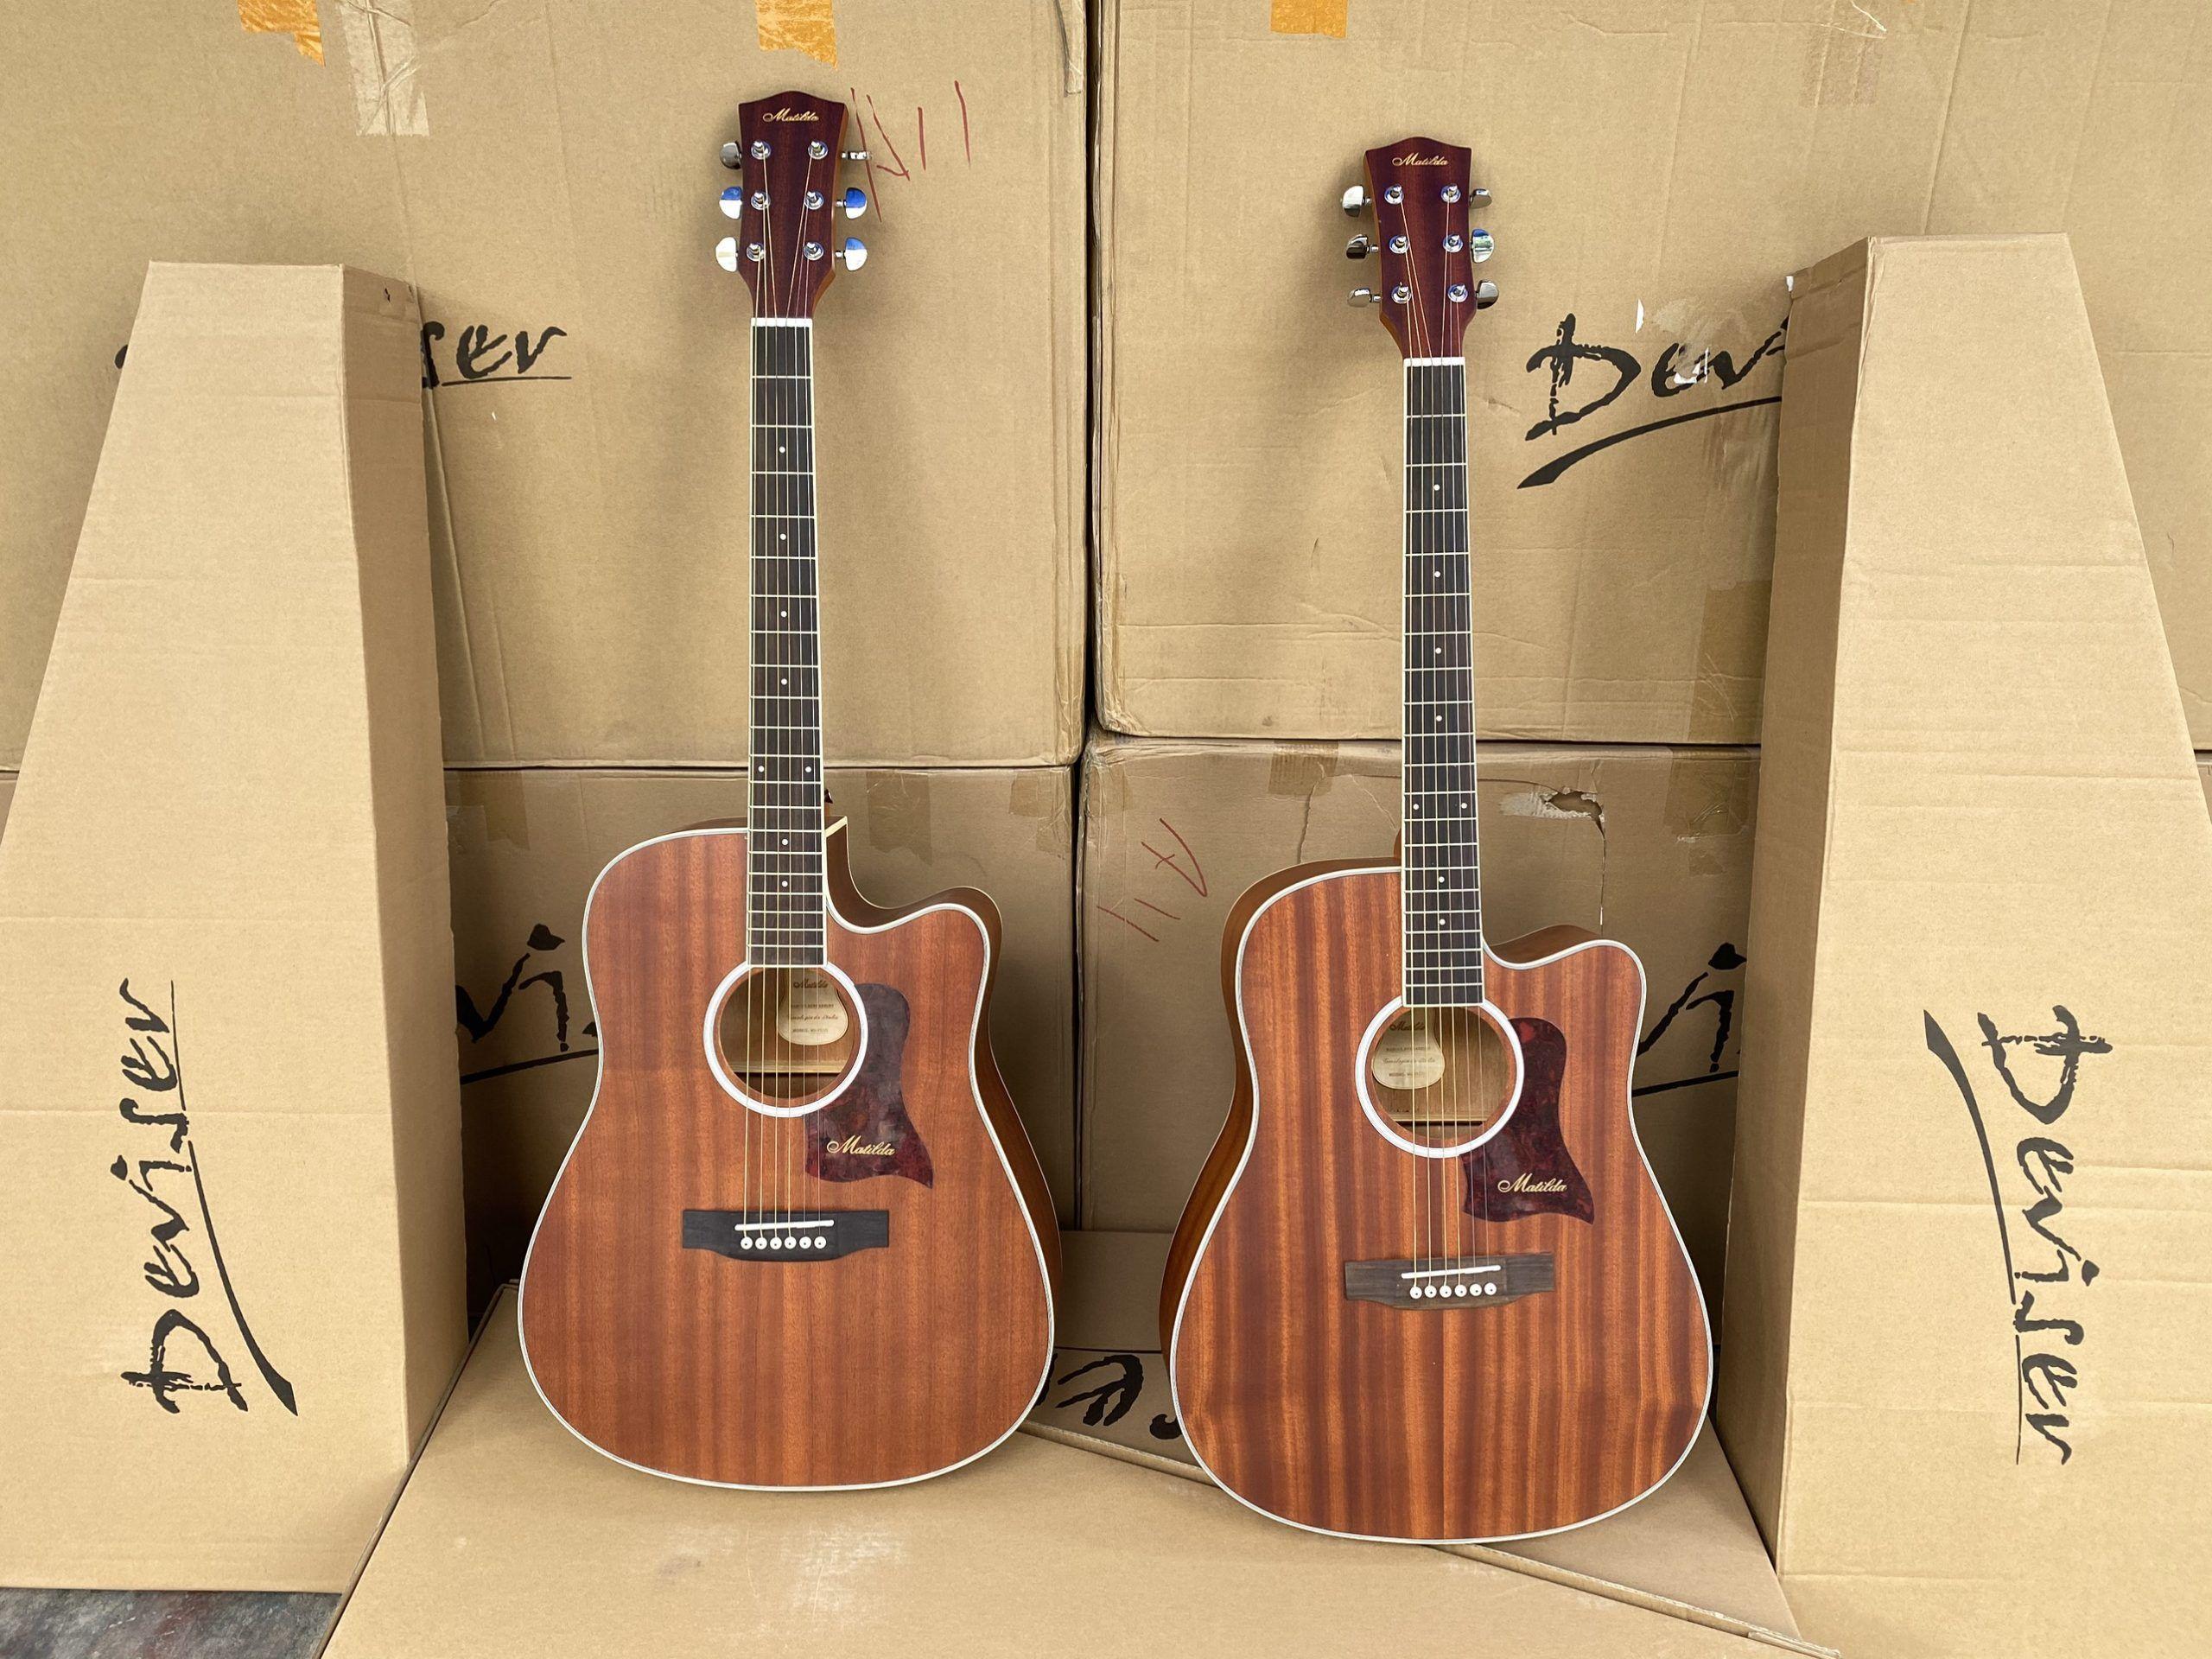 Bán sỉ guitar acoustic Matilda M5-Plus chính hãng